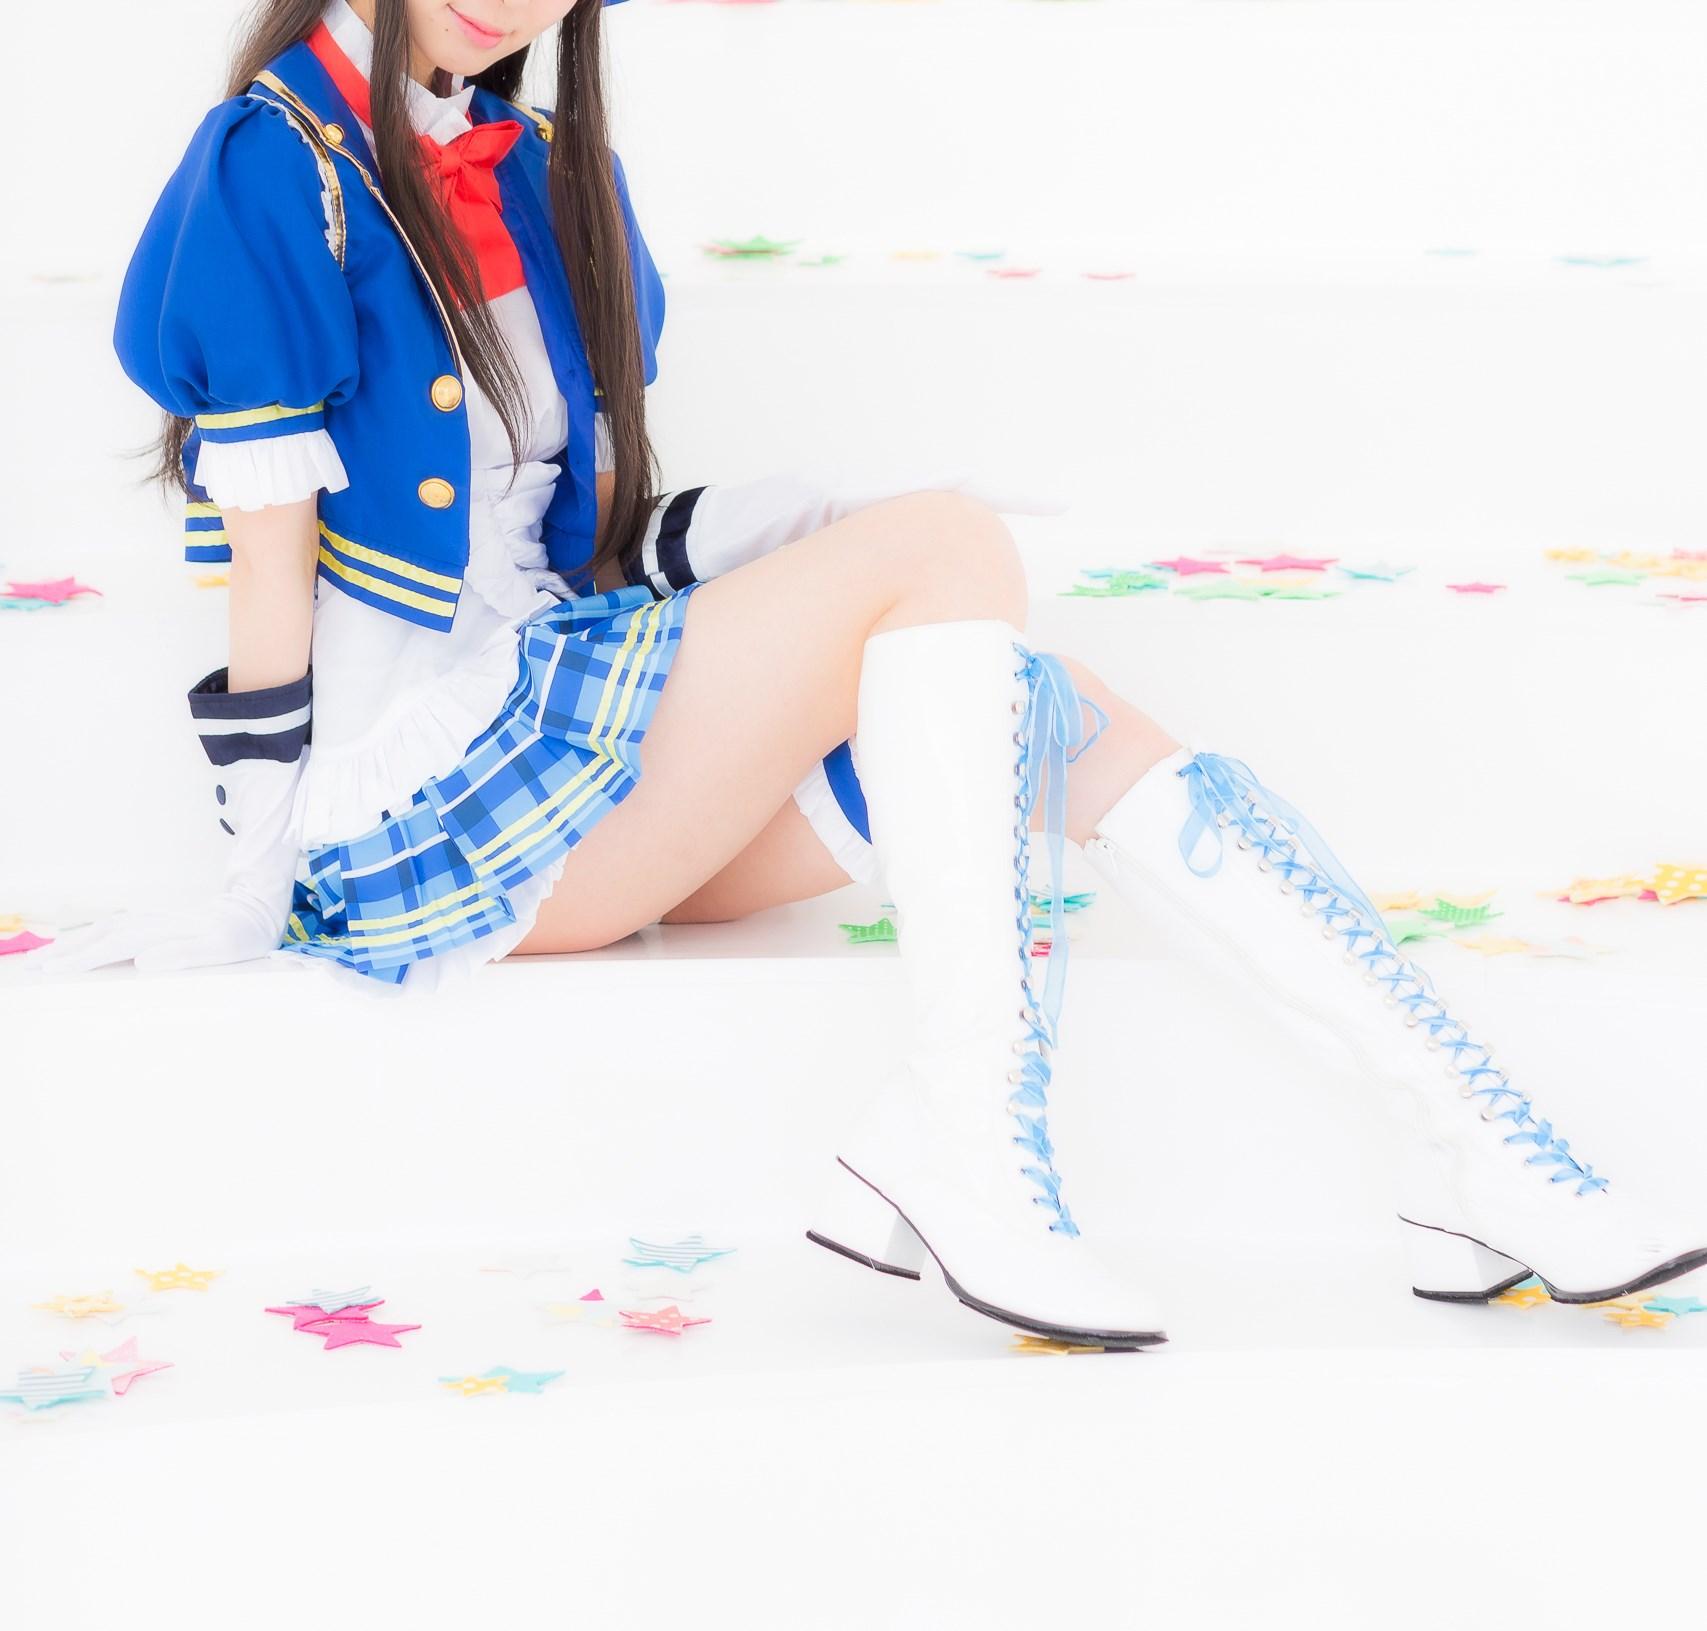 【兔玩映画】少女制服爱豆 兔玩映画 第46张